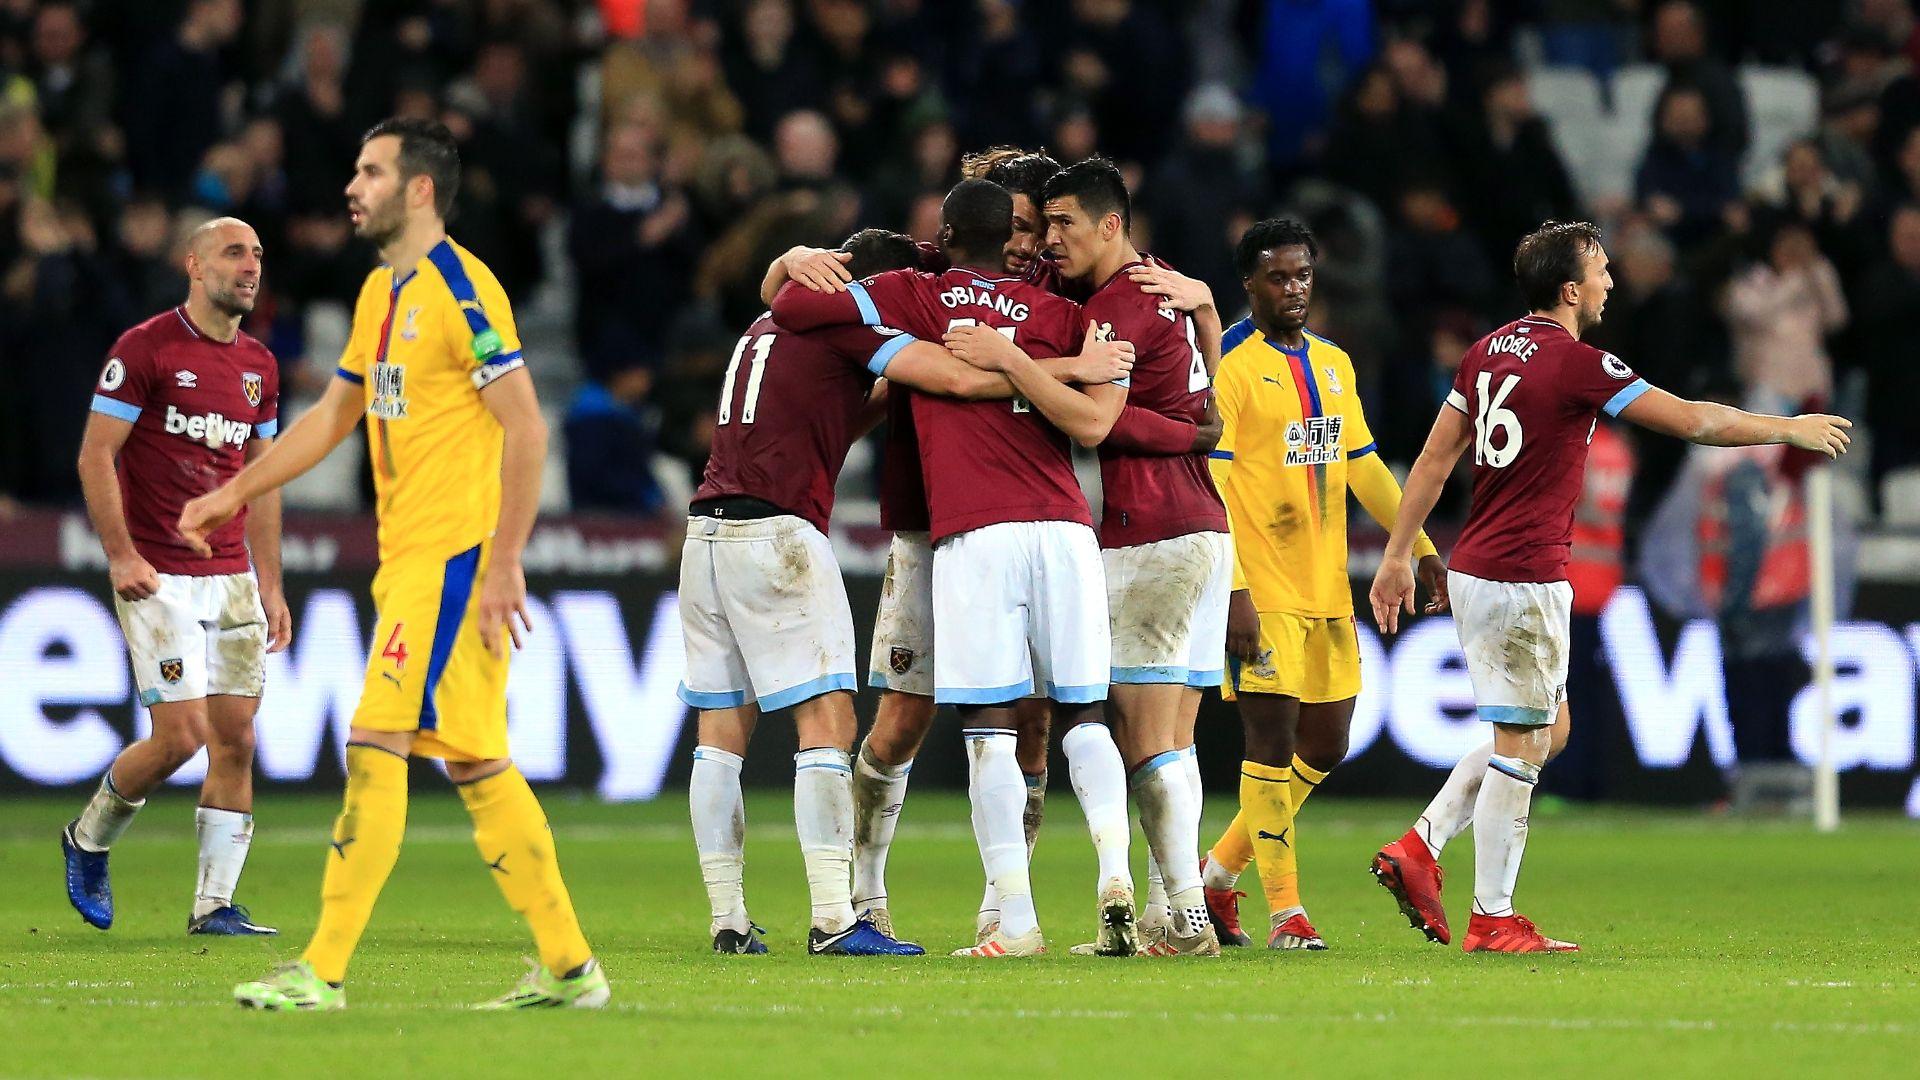 West Ham 3-2 Crystal Palace (vòng 16 Ngoại hạng Anh 2018/19)